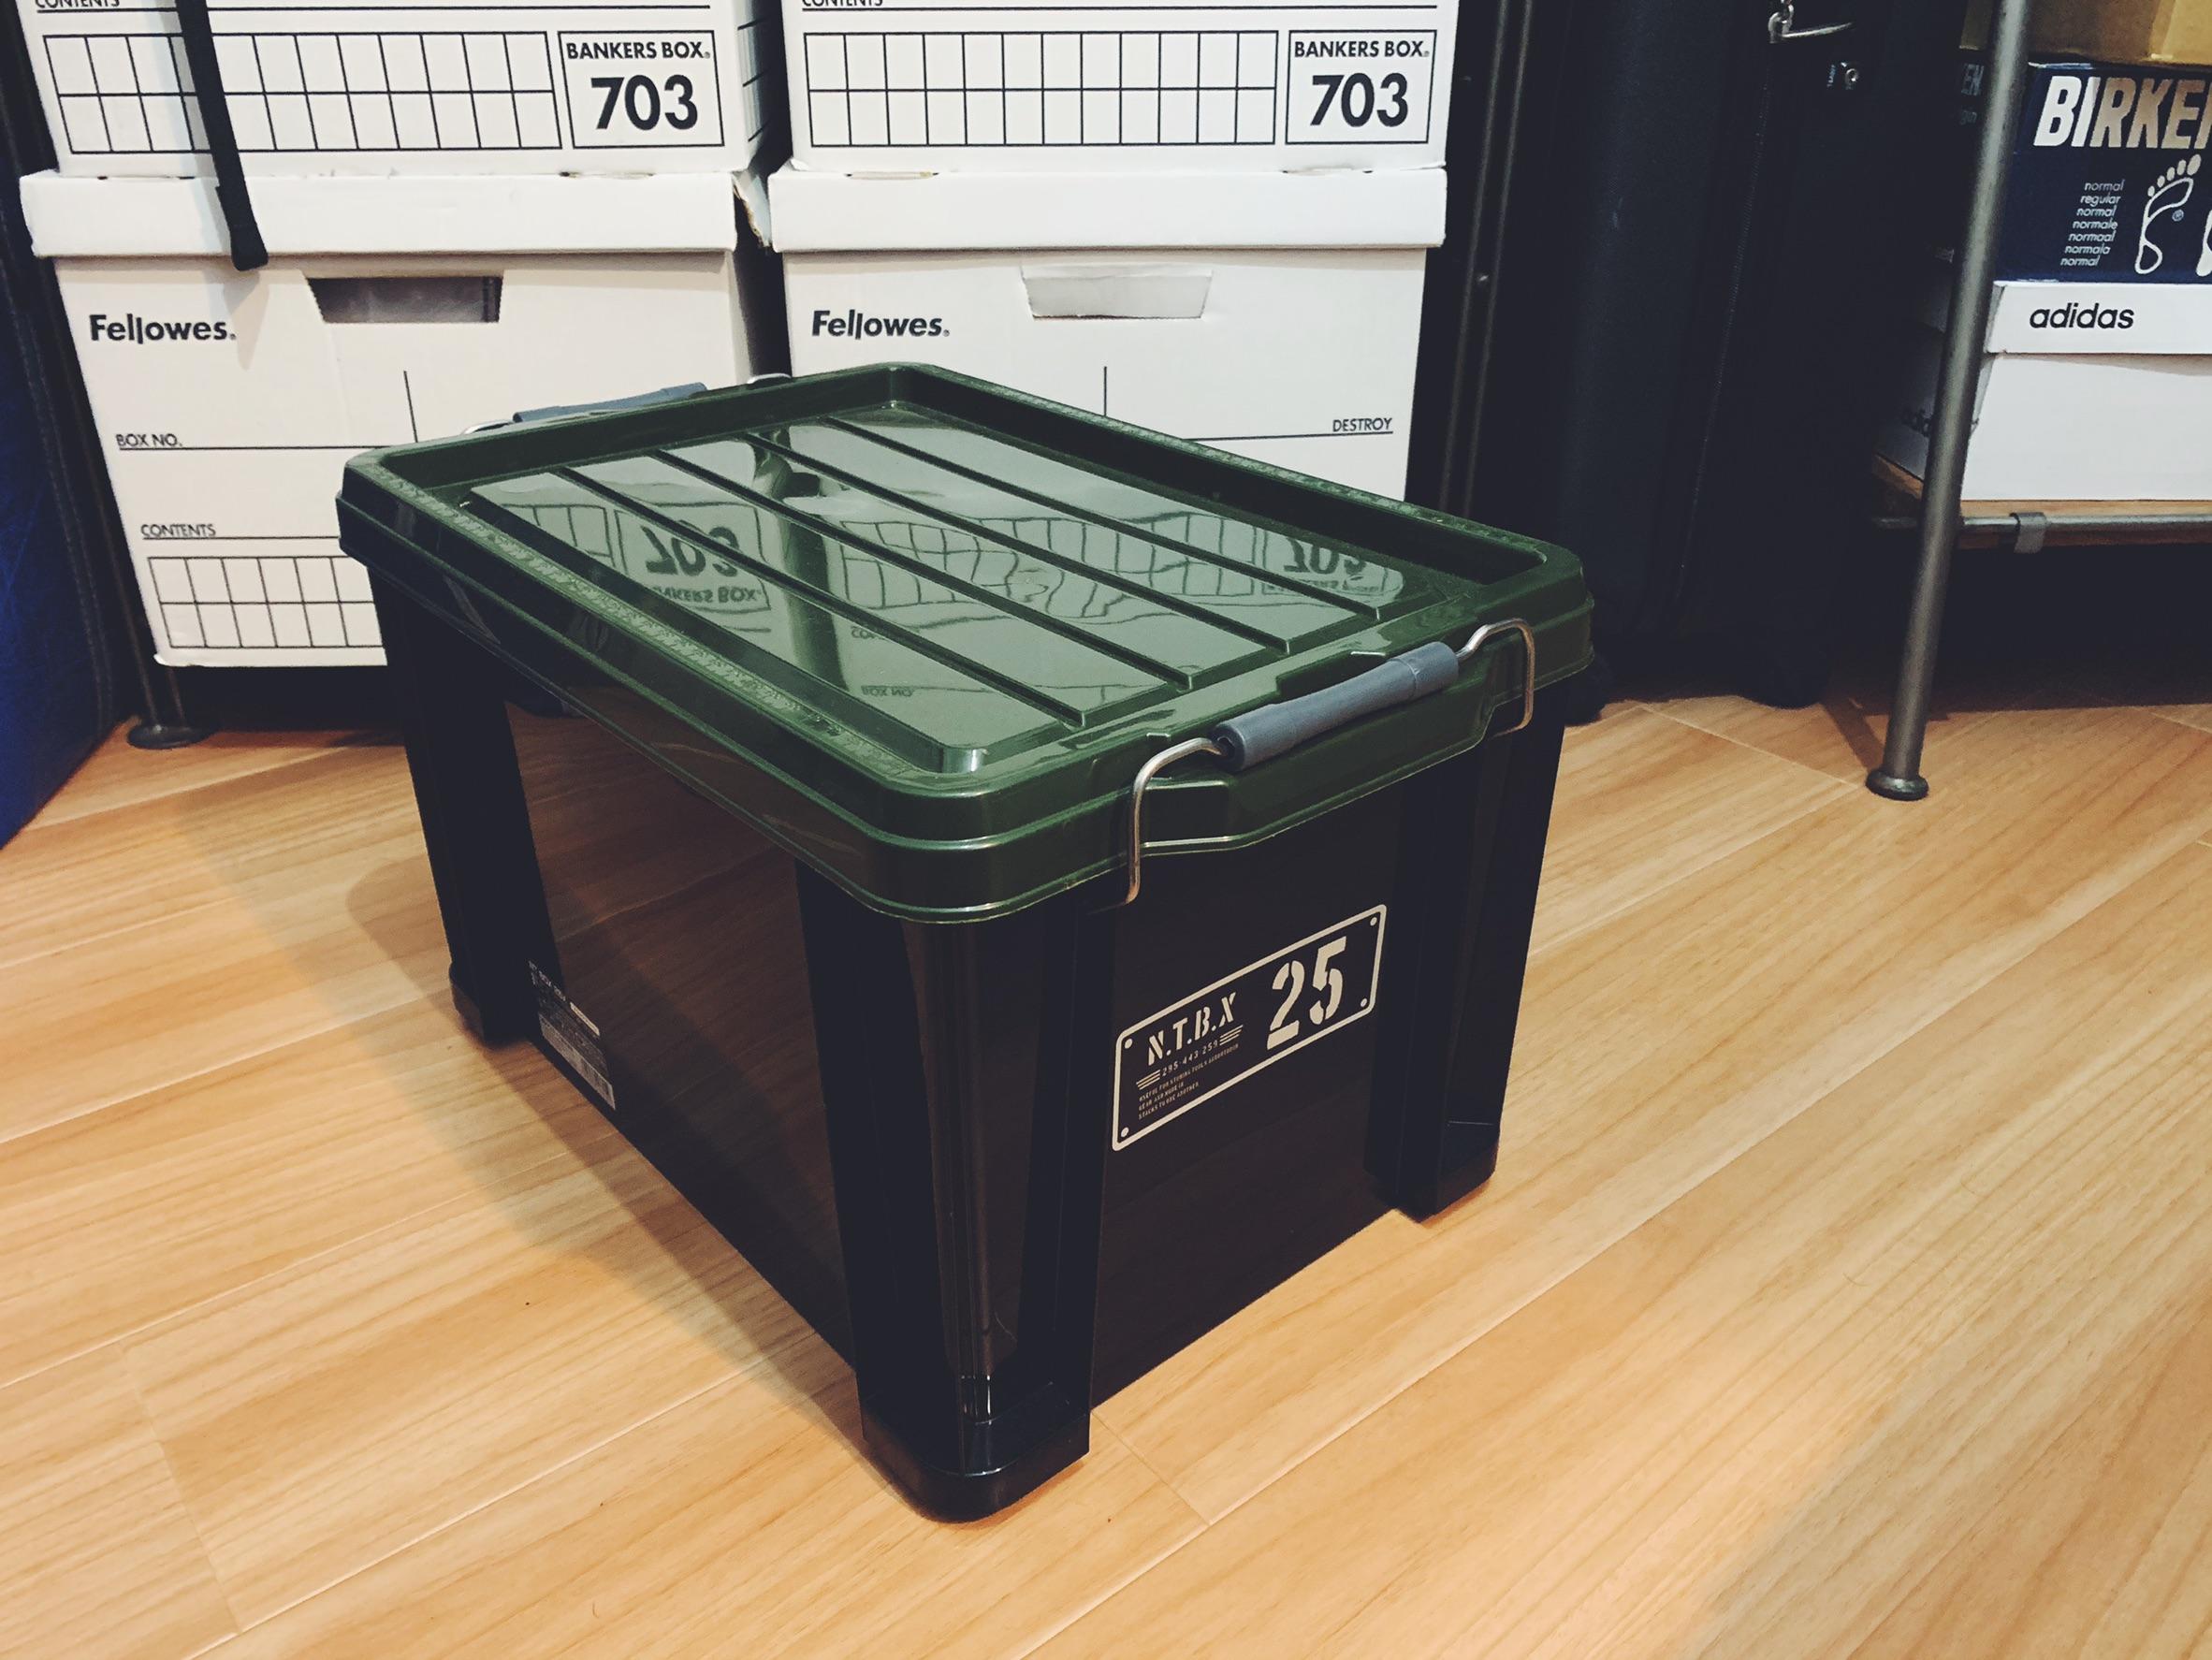 Astage(アステージ) 収納ボックス Xシリーズ NT Box 25X ブラック カーキ